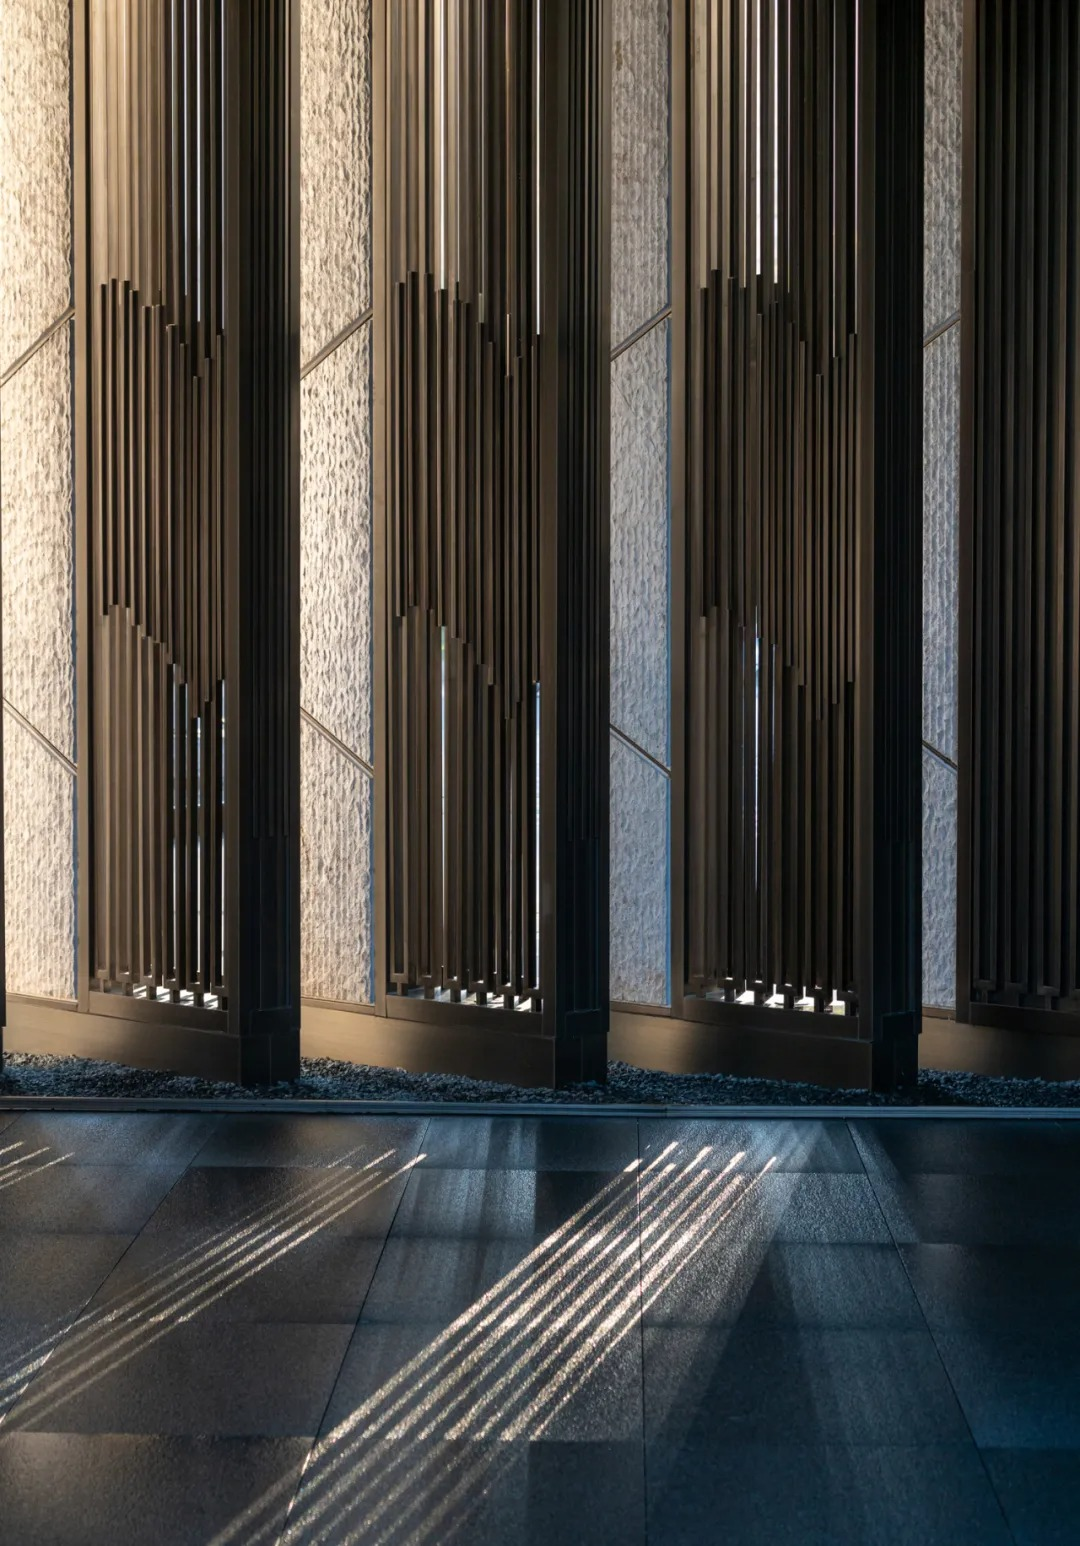 沈阳龙湖 · 锦璘原著示范区 室内设计 /  基准方中